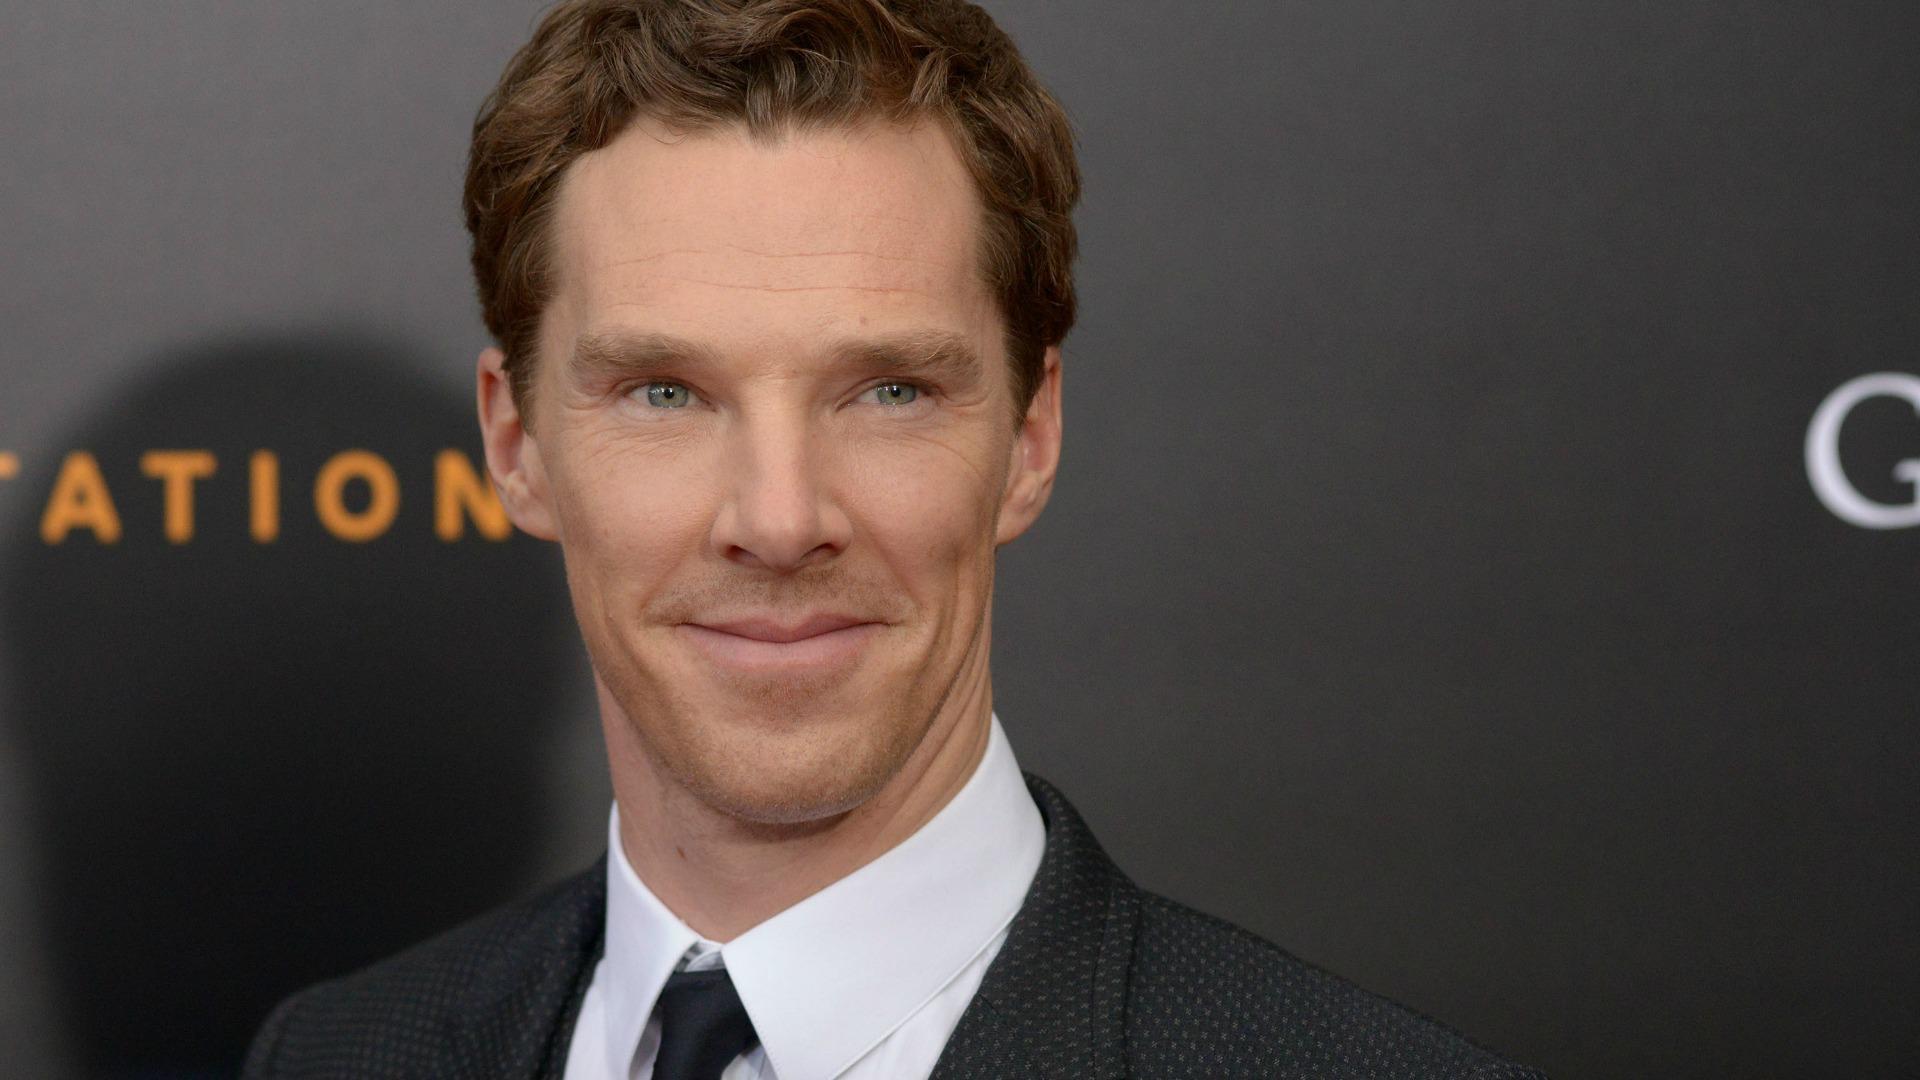 Benedict Cumberbatch Thomas Edison